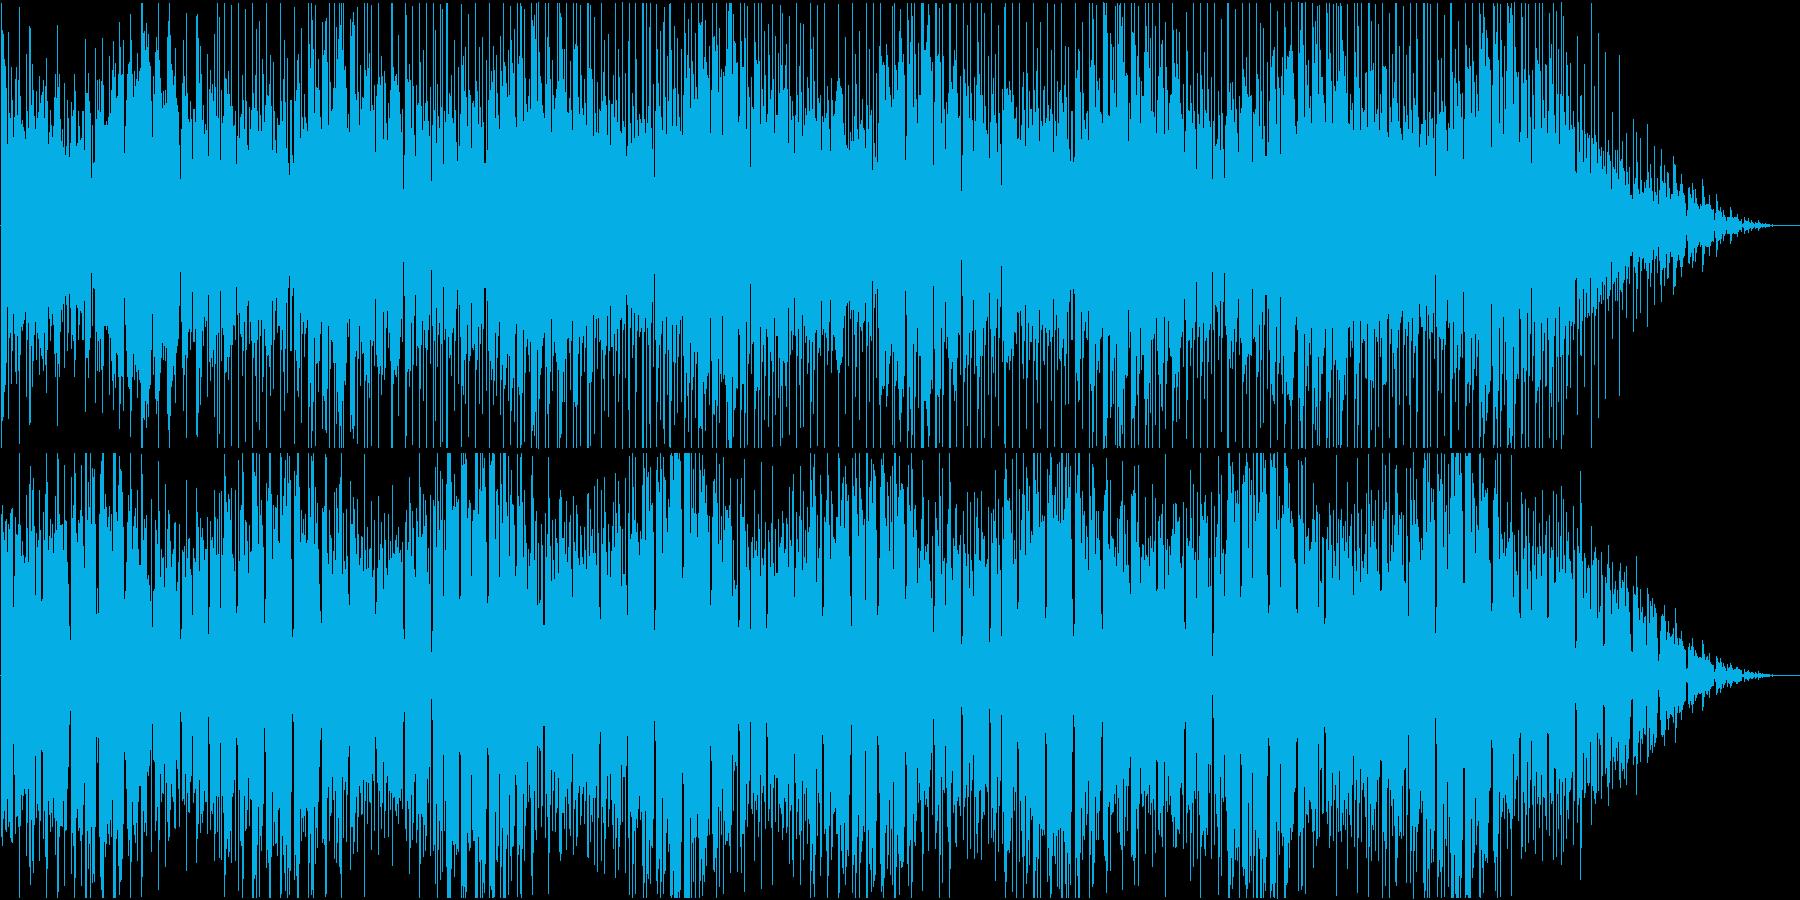 テクノロジーを感じさせるシンセ音源。の再生済みの波形